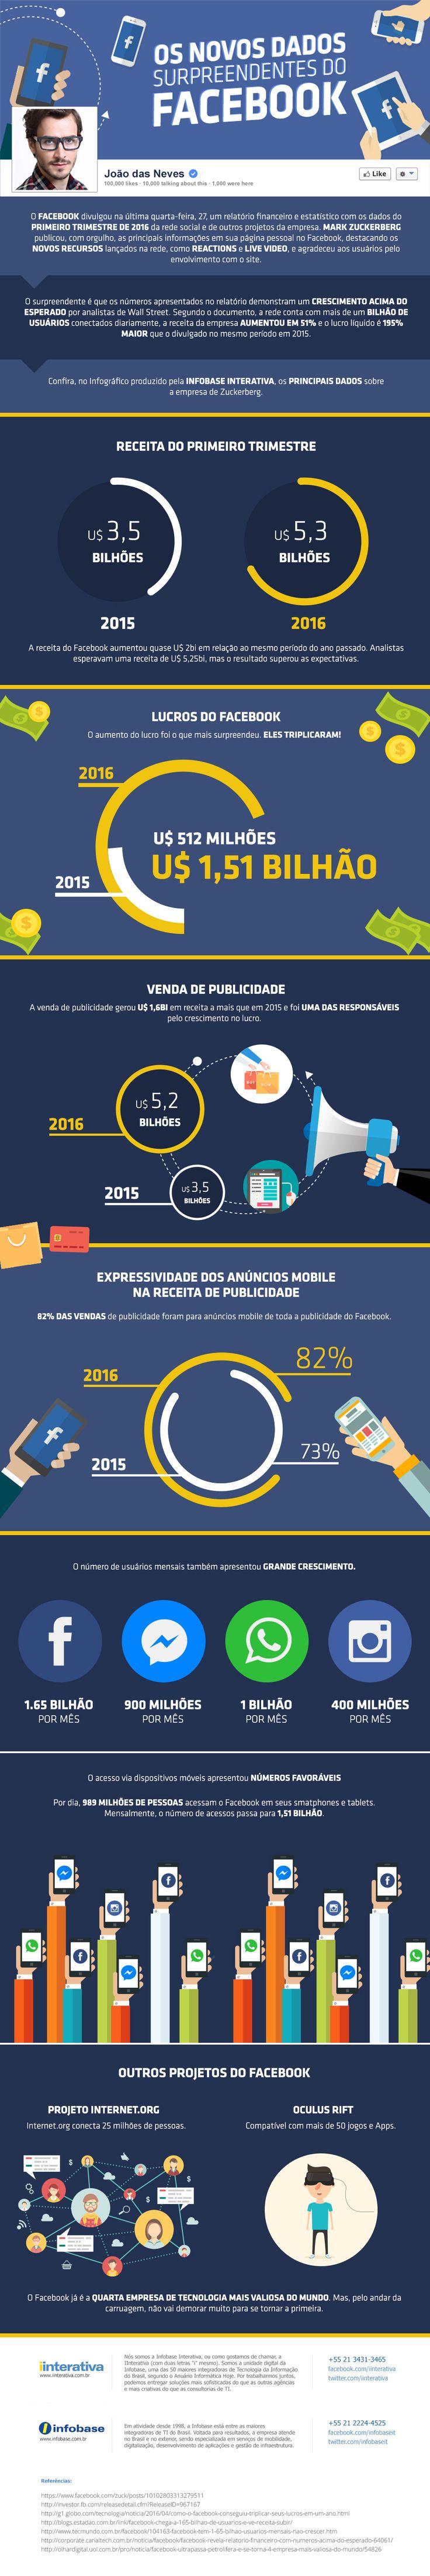 Os novos dados surpreendentes do #Facebook #infografico